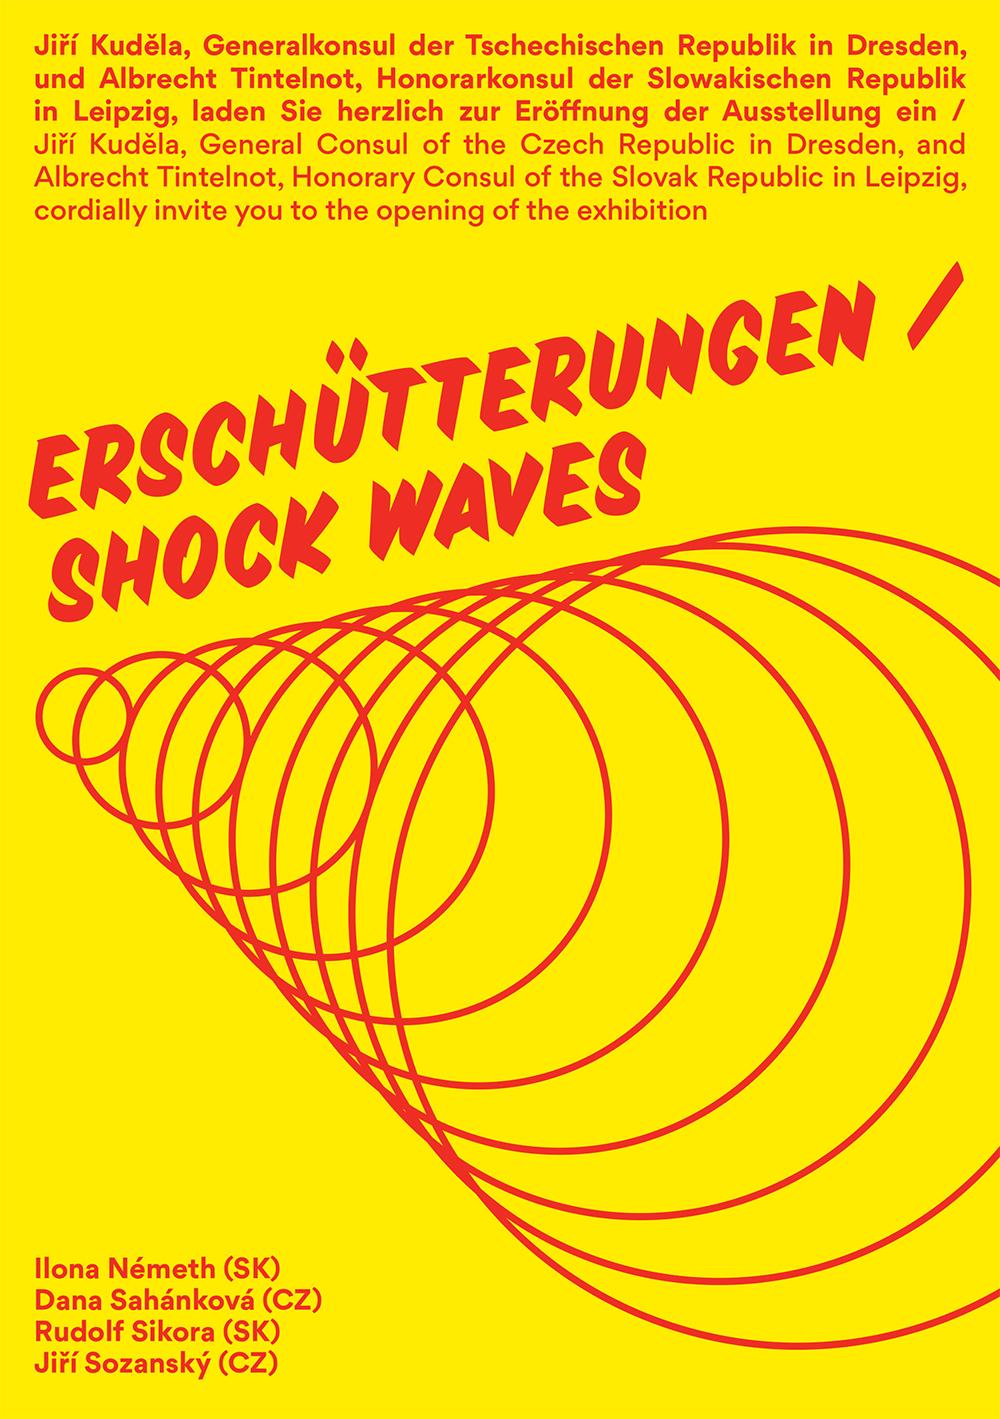 GASK_Shock-waves_pozvanka_02.indd